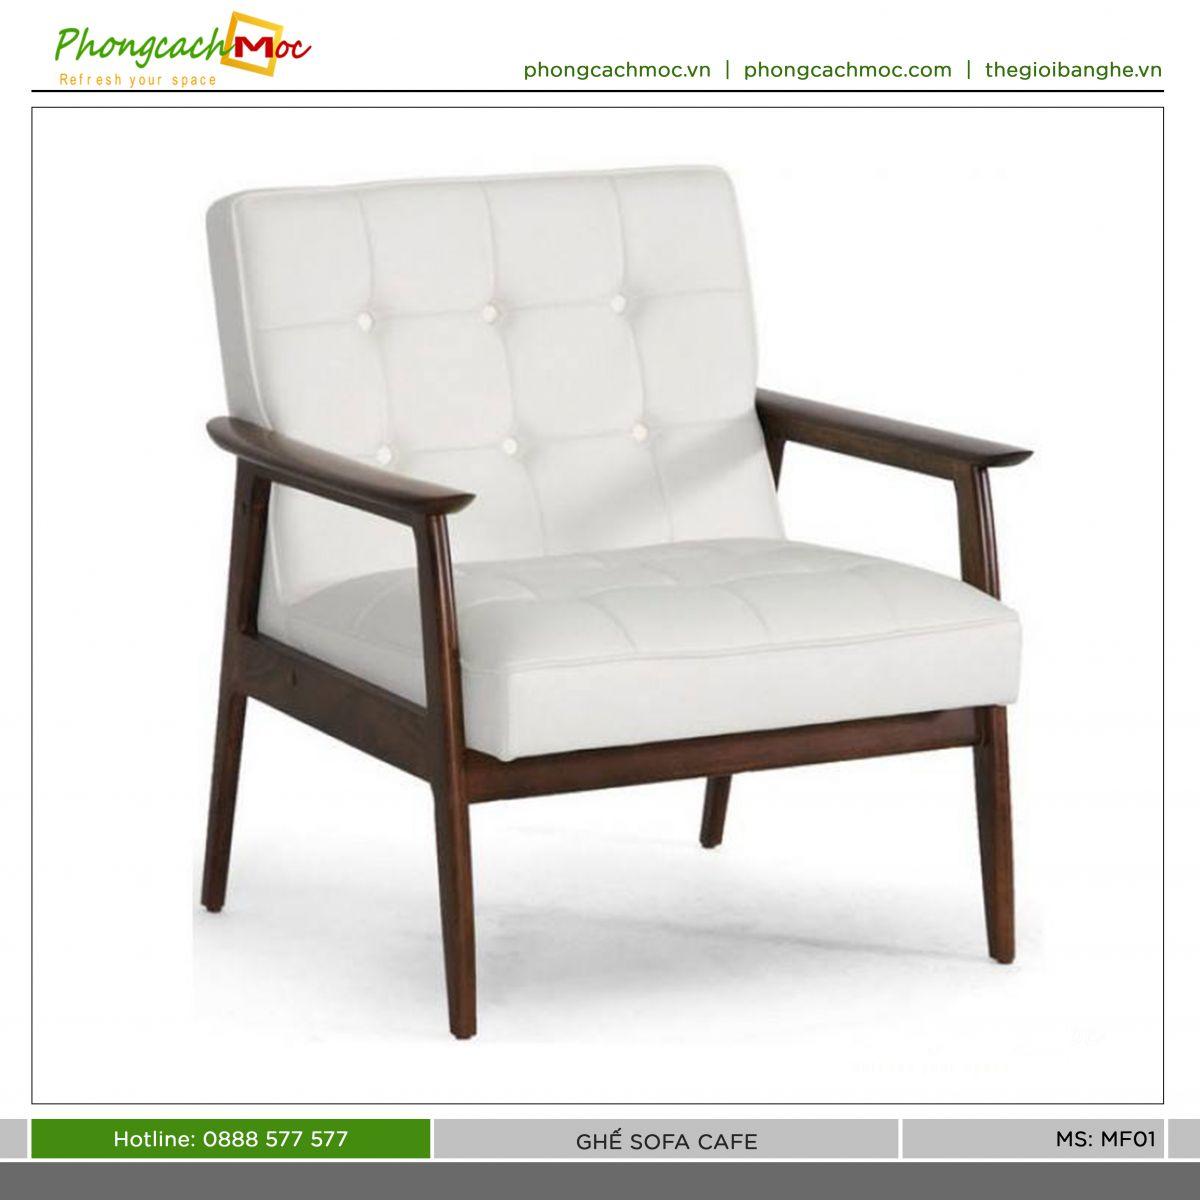 ghe-sofa-cafe-mf01